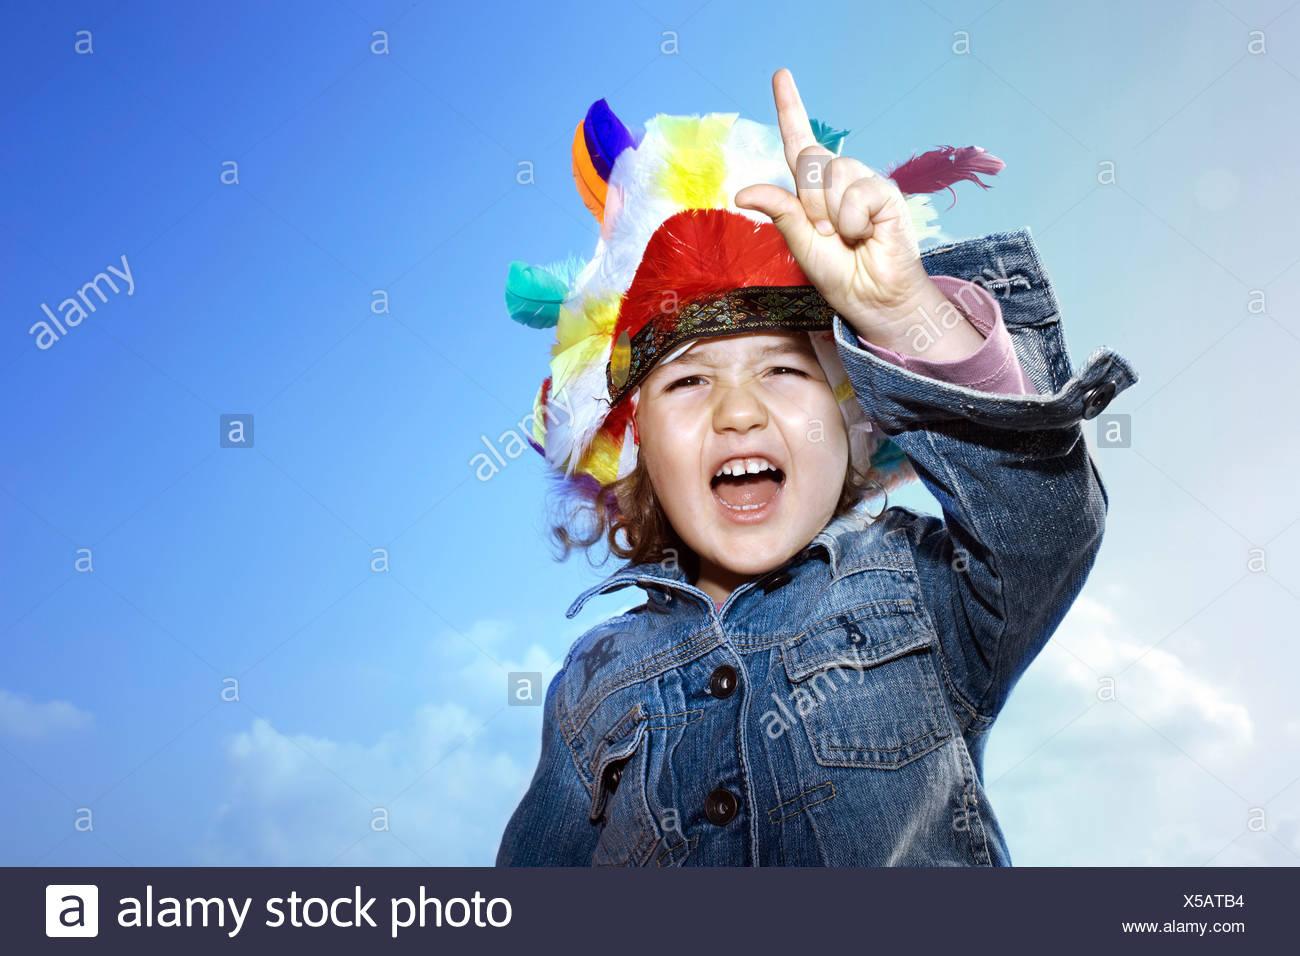 Toddler girl wearing Indian headdress - Stock Image